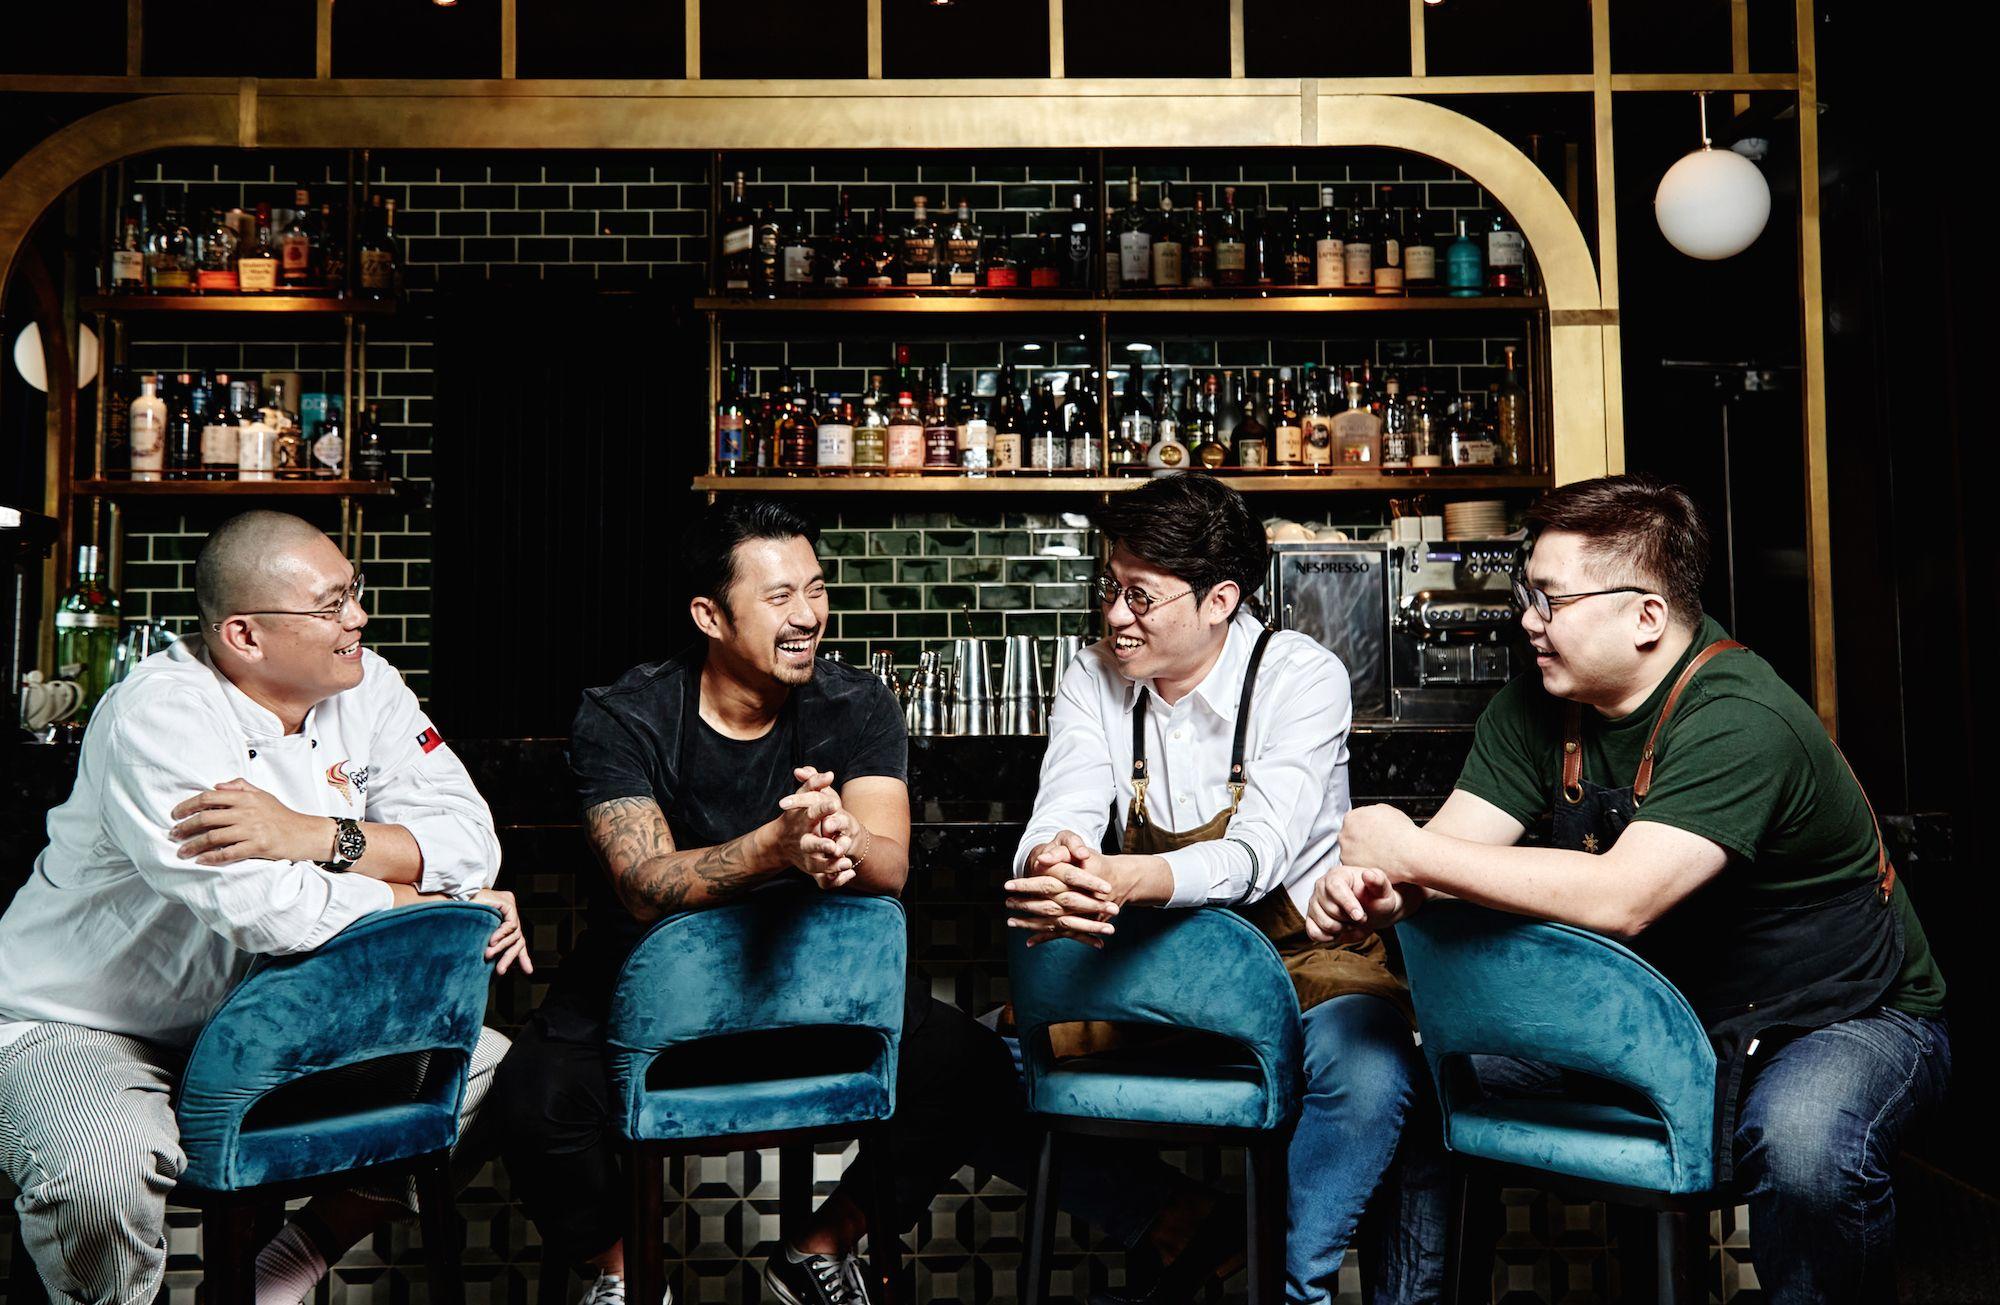 米其林星廚林明健聯手台南Bar TCRC、Bar INFU與蜷尾家,八手聯彈微醺夜 3大亮點搶先看!